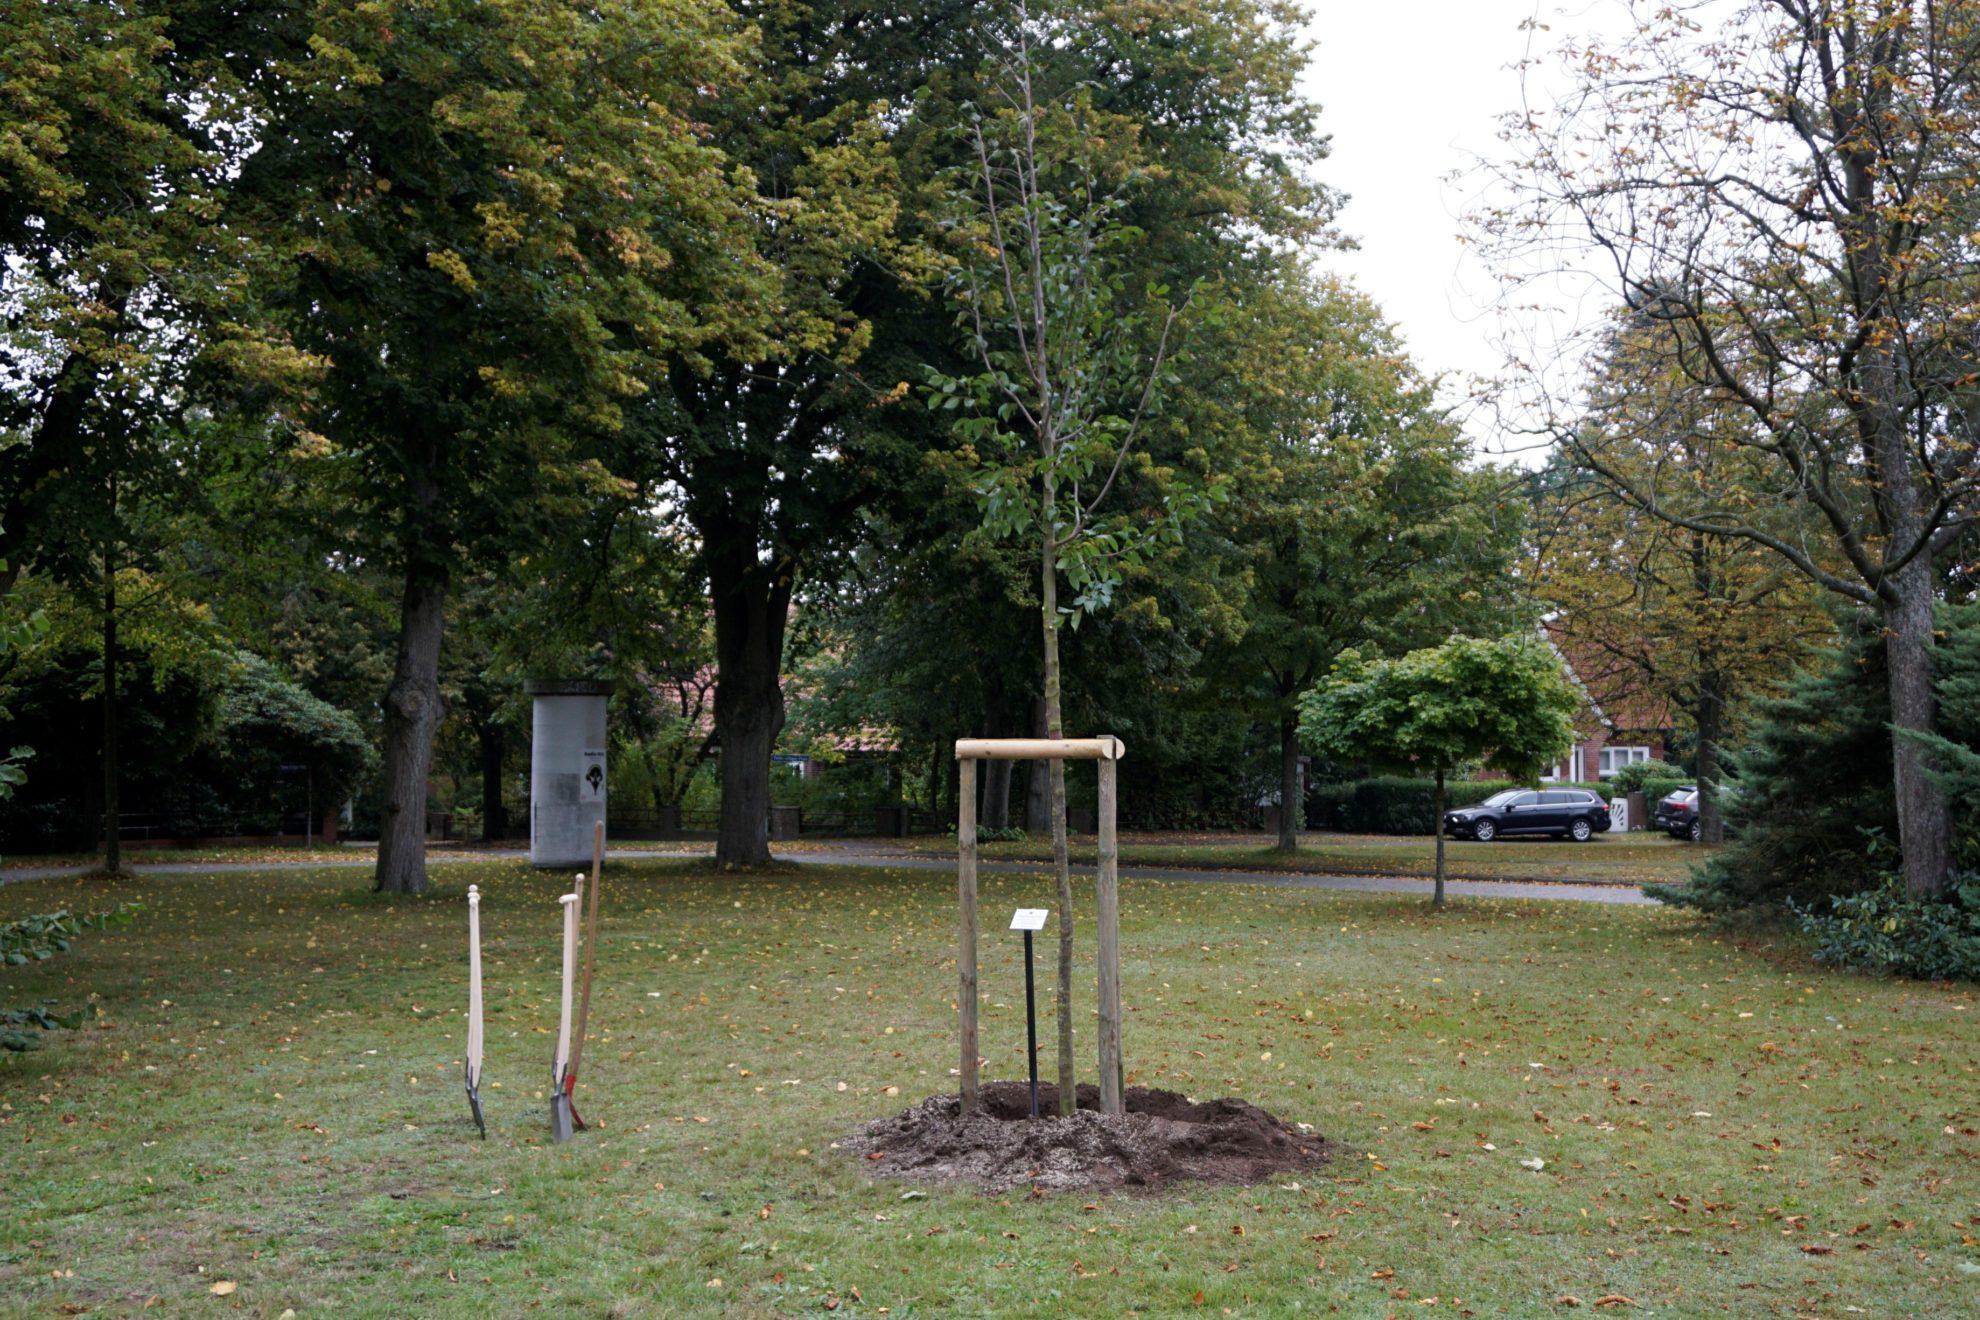 Demokratiebaum zum 30. Jahrestag der Wiedervereinigung